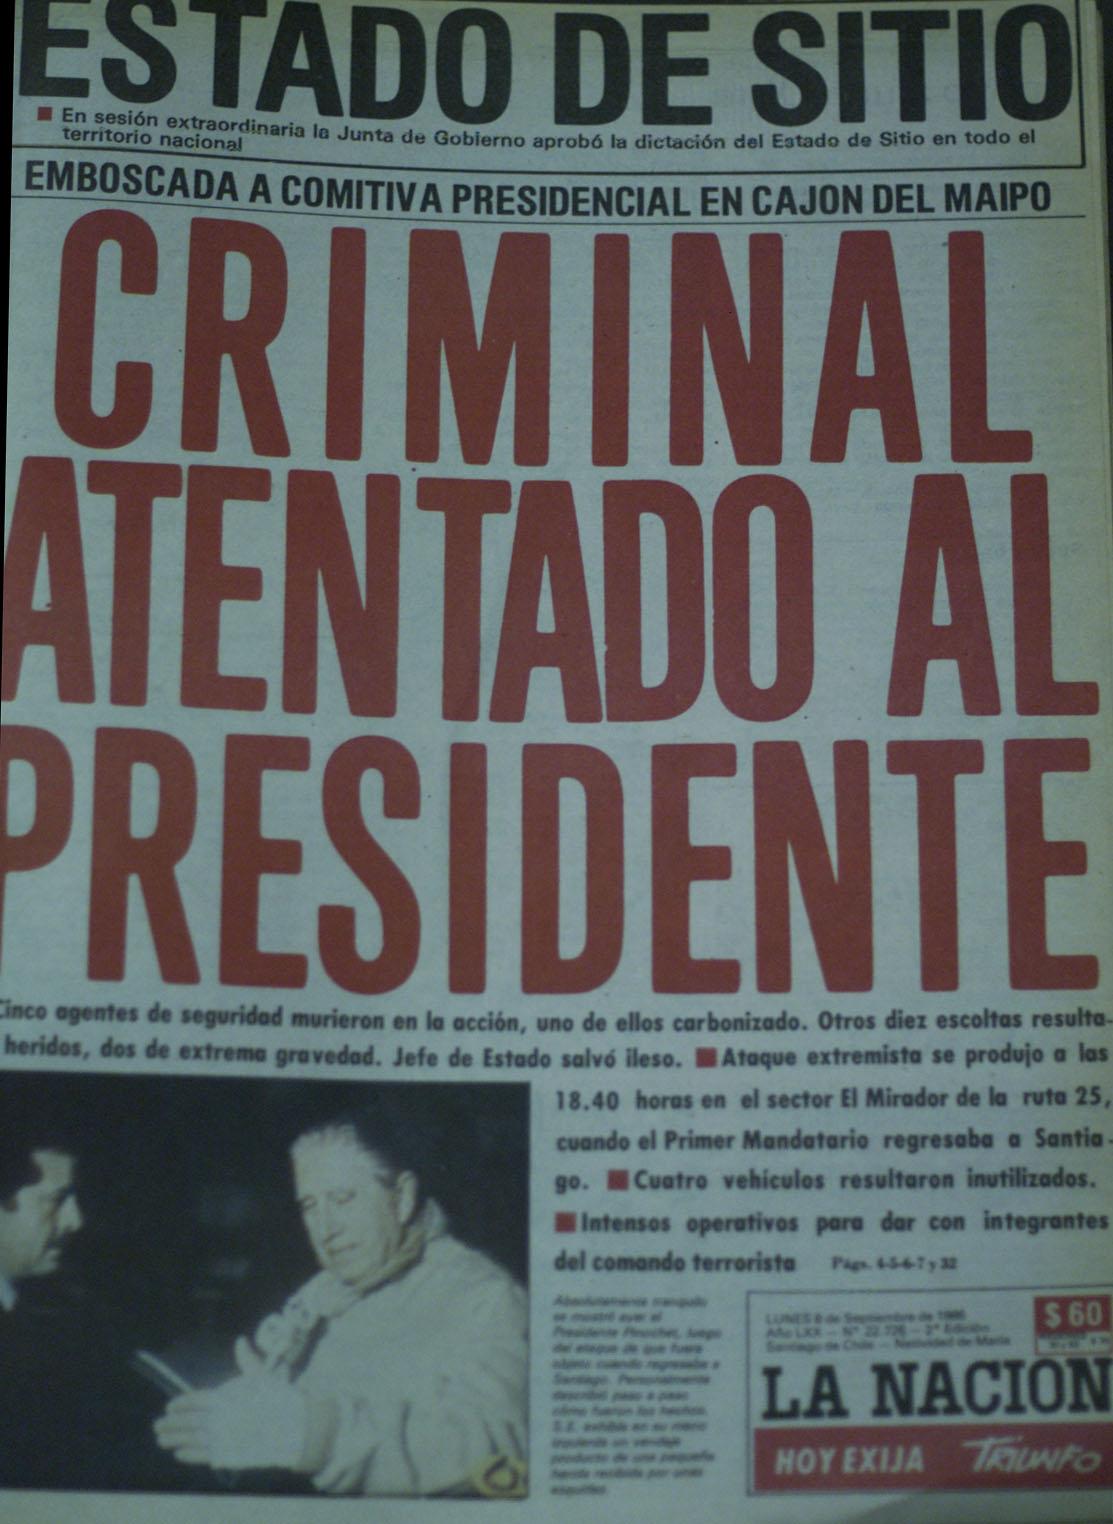 A 28 años del atentado a Pinochet: Mira cómo tituló la prensa de la época al día siguiente